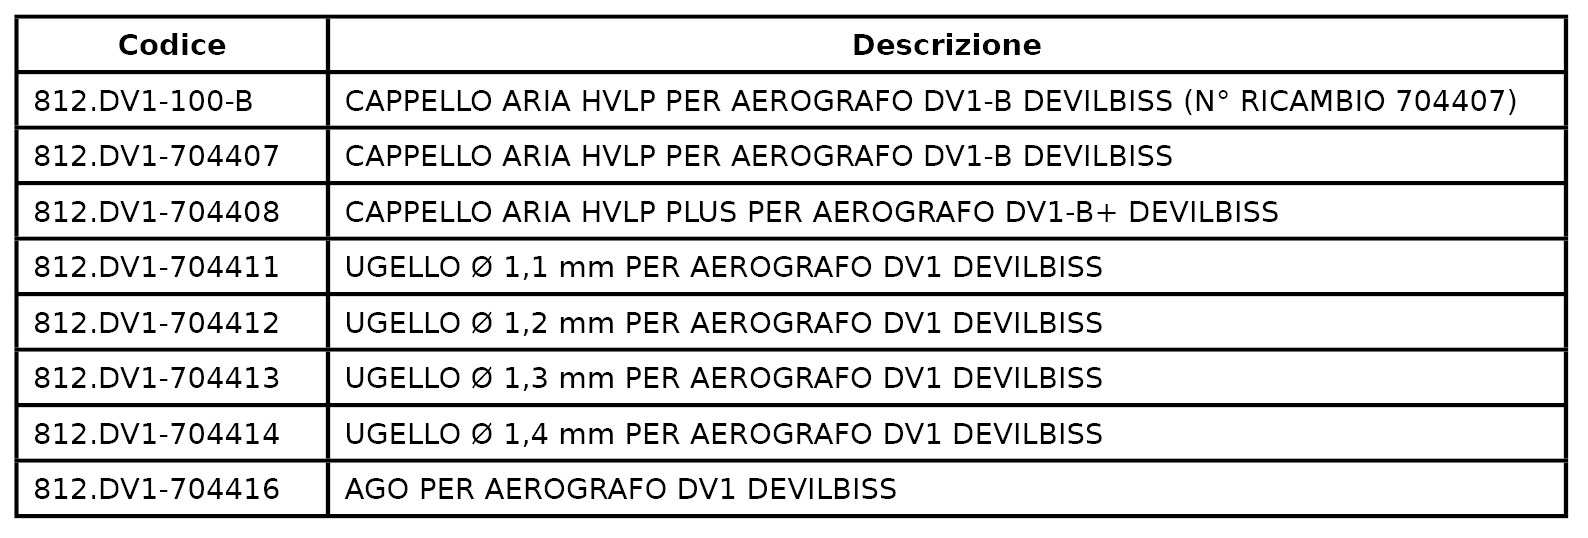 Ricambi-Devilbiss-dv1